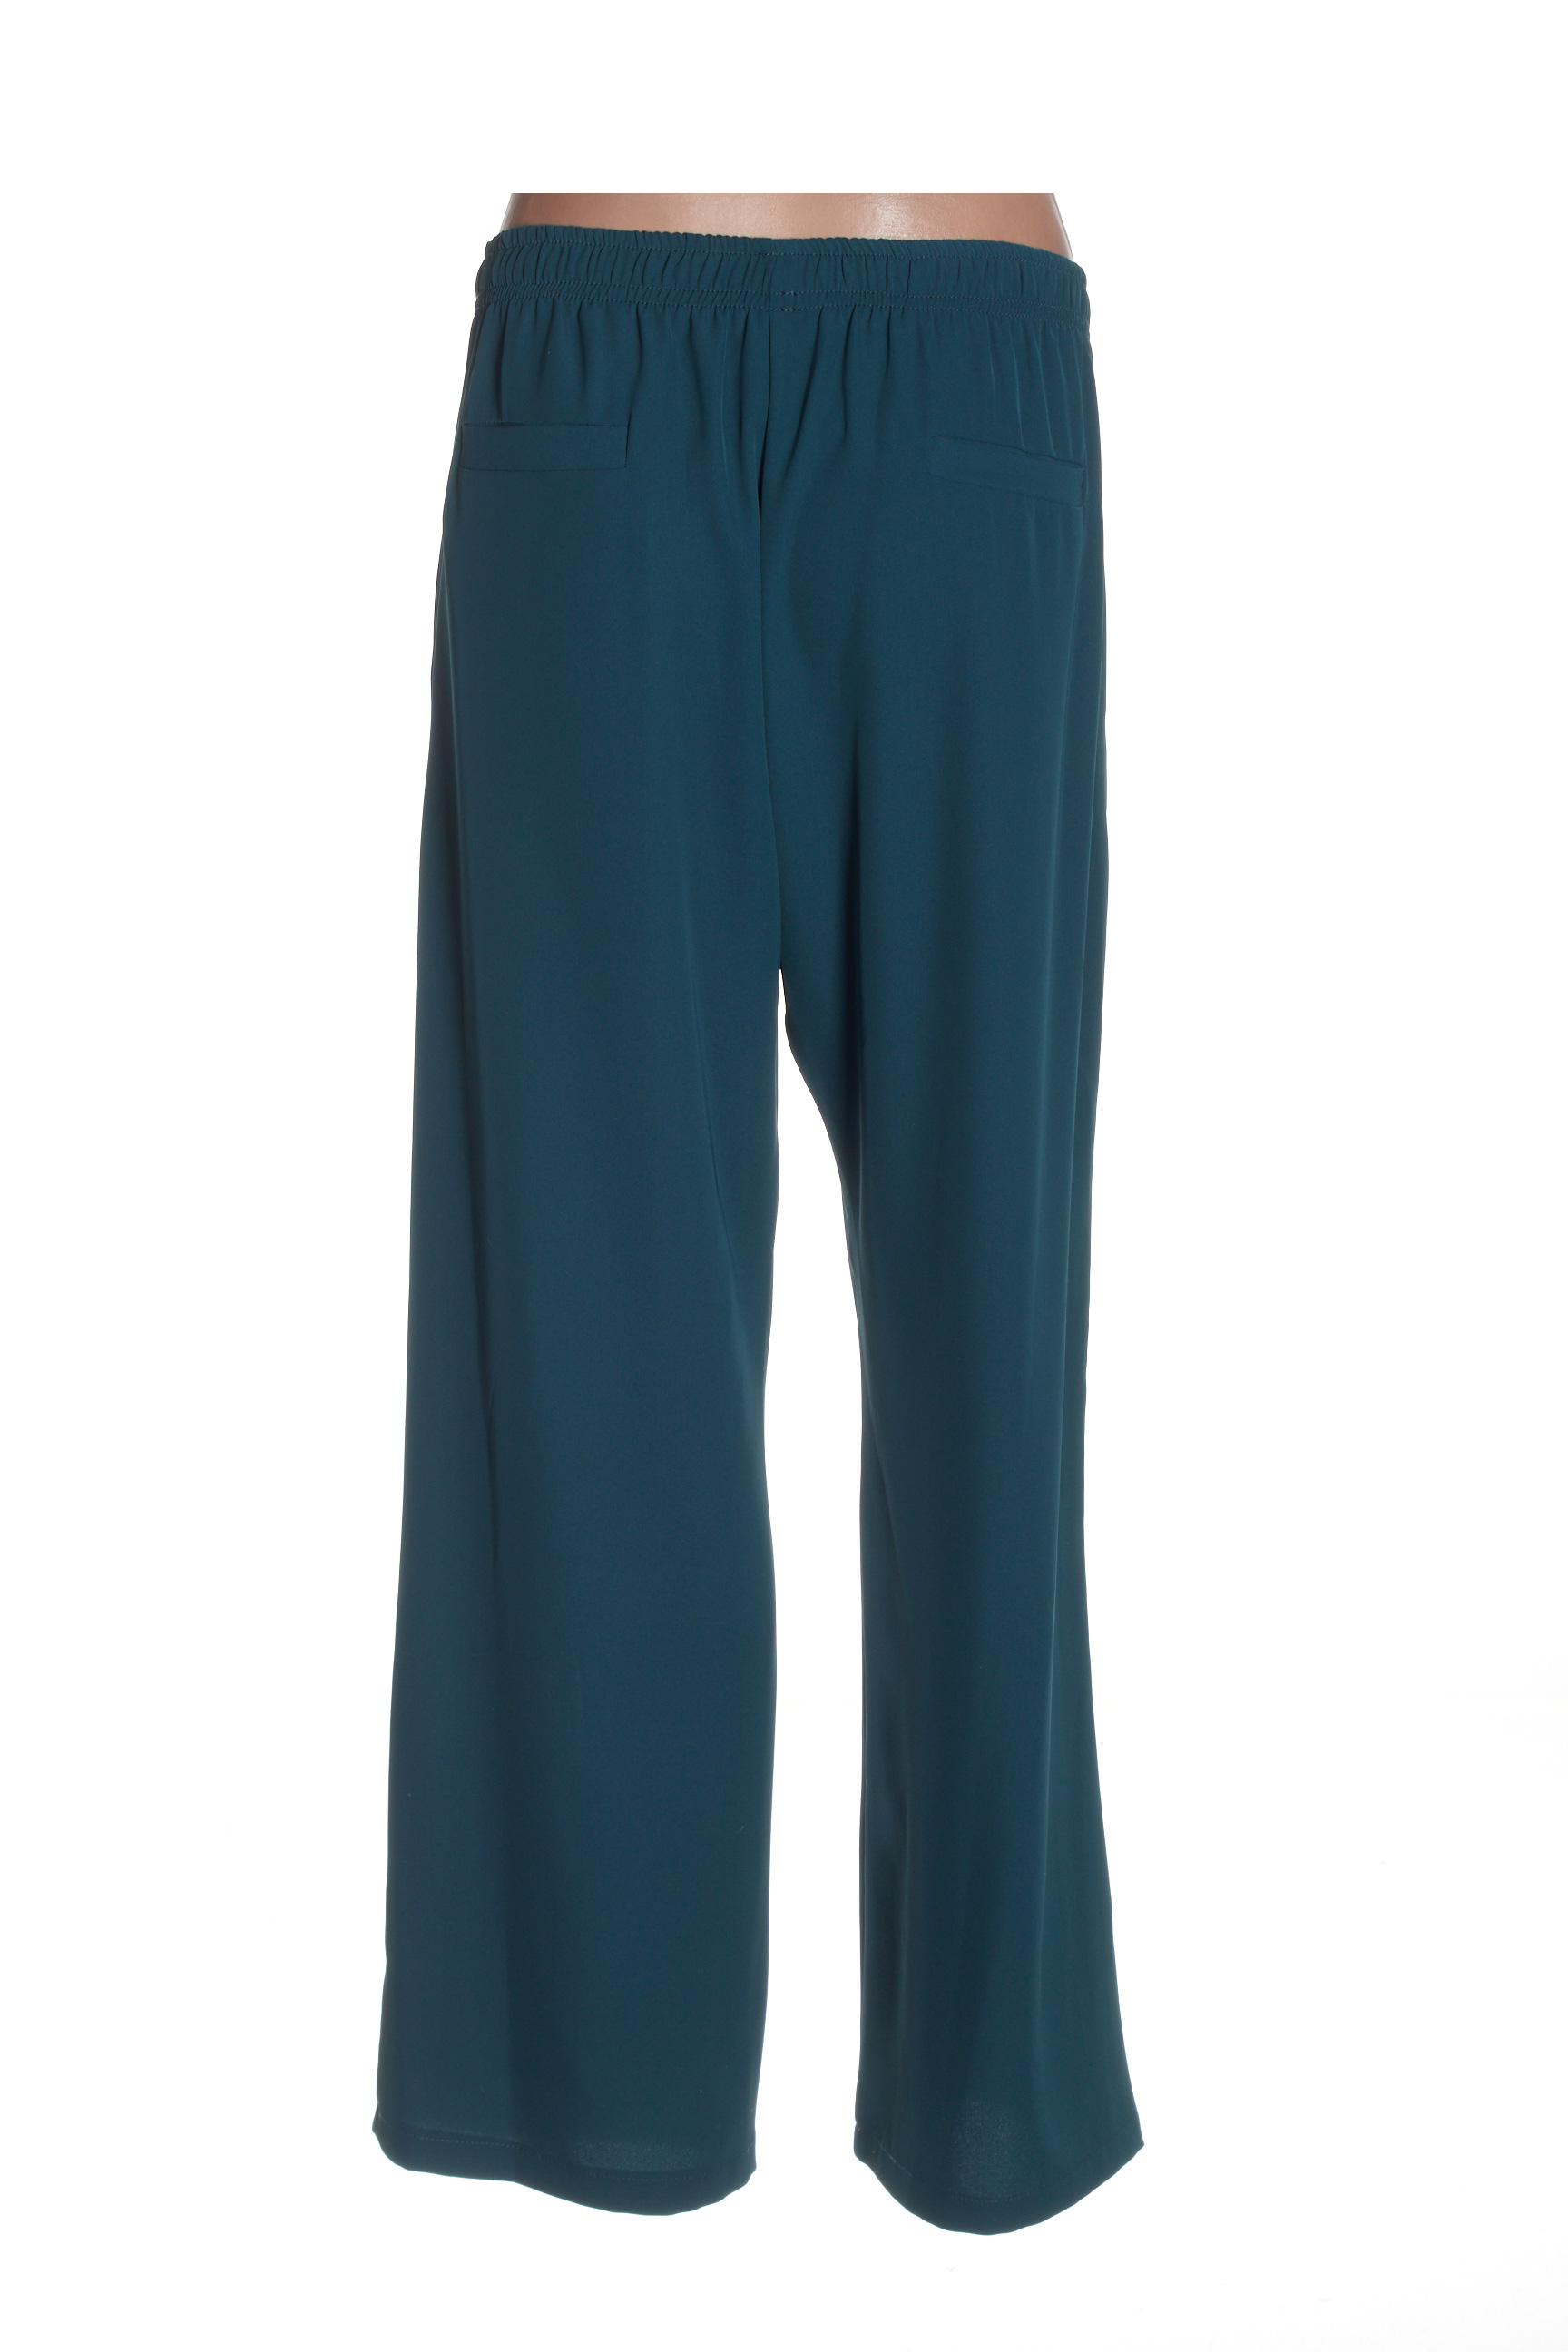 Imperial Pantalons Decontractes Femme De Couleur Vert En Soldes Pas Cher 1434050-vert00